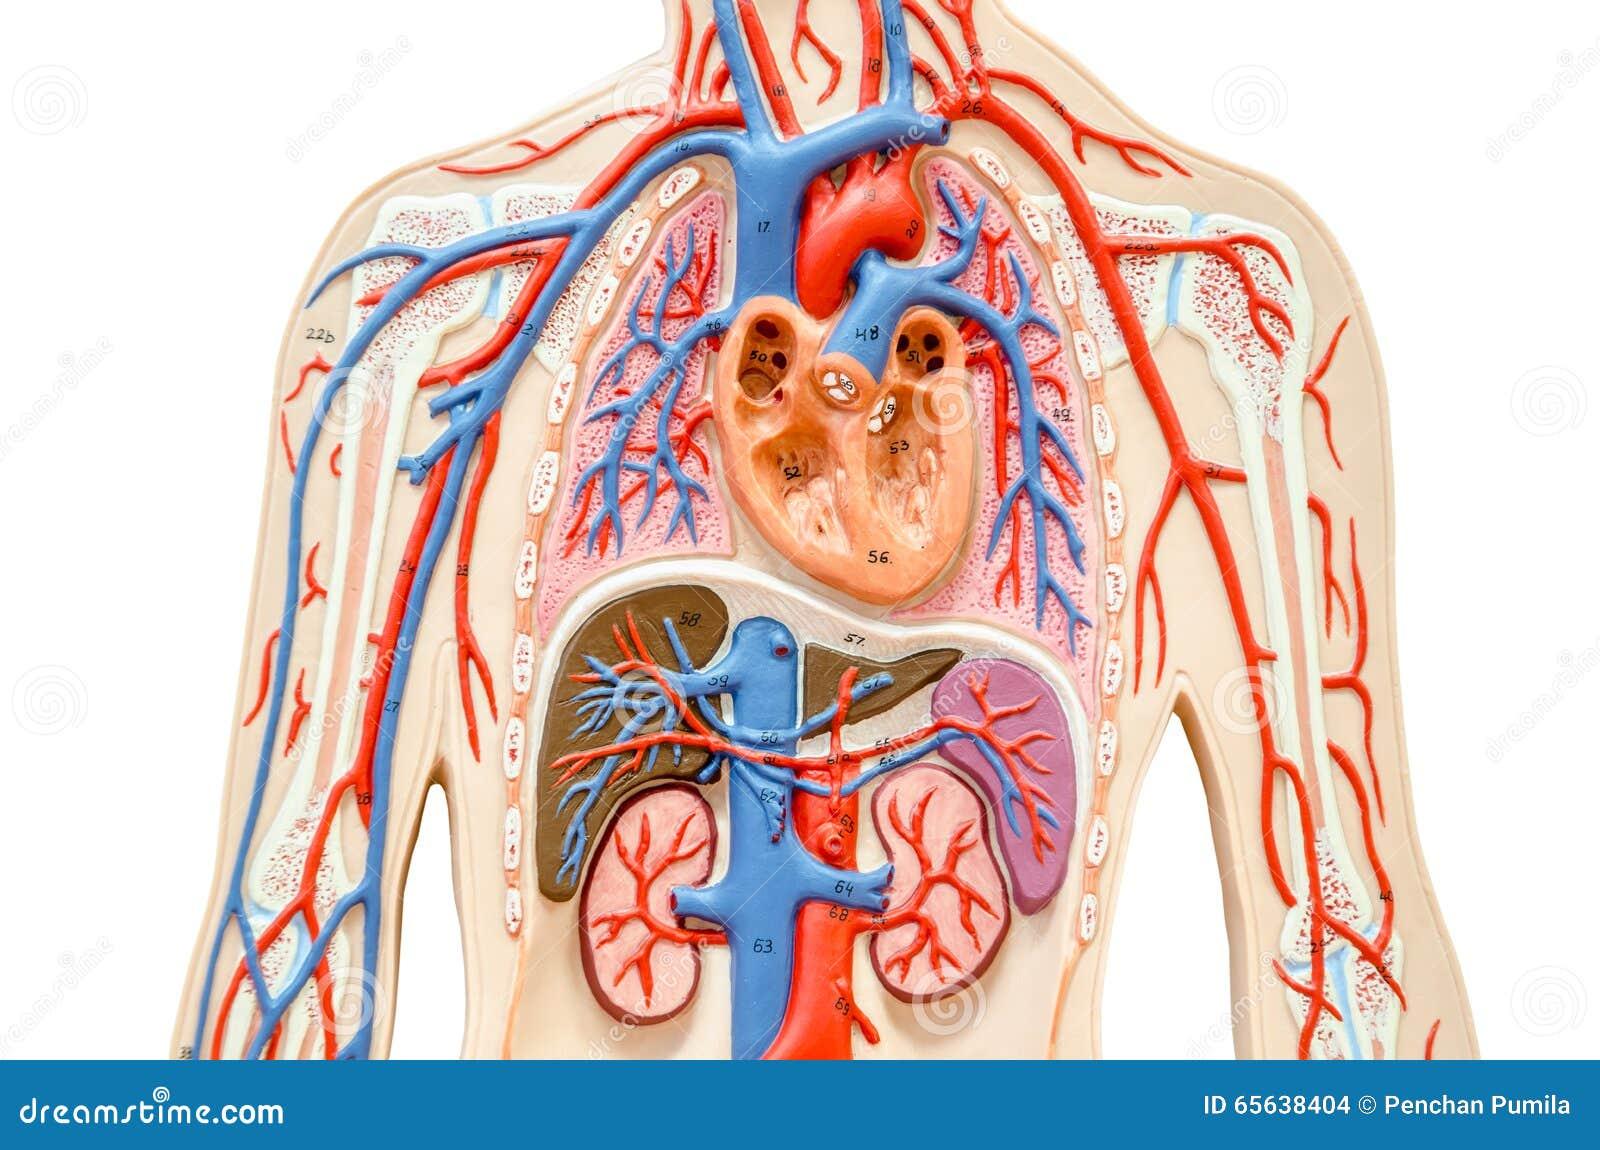 Πρότυπο ανθρώπινο σώμα με το συκώτι, το νεφρό, τους πνεύμονες και την καρδιά